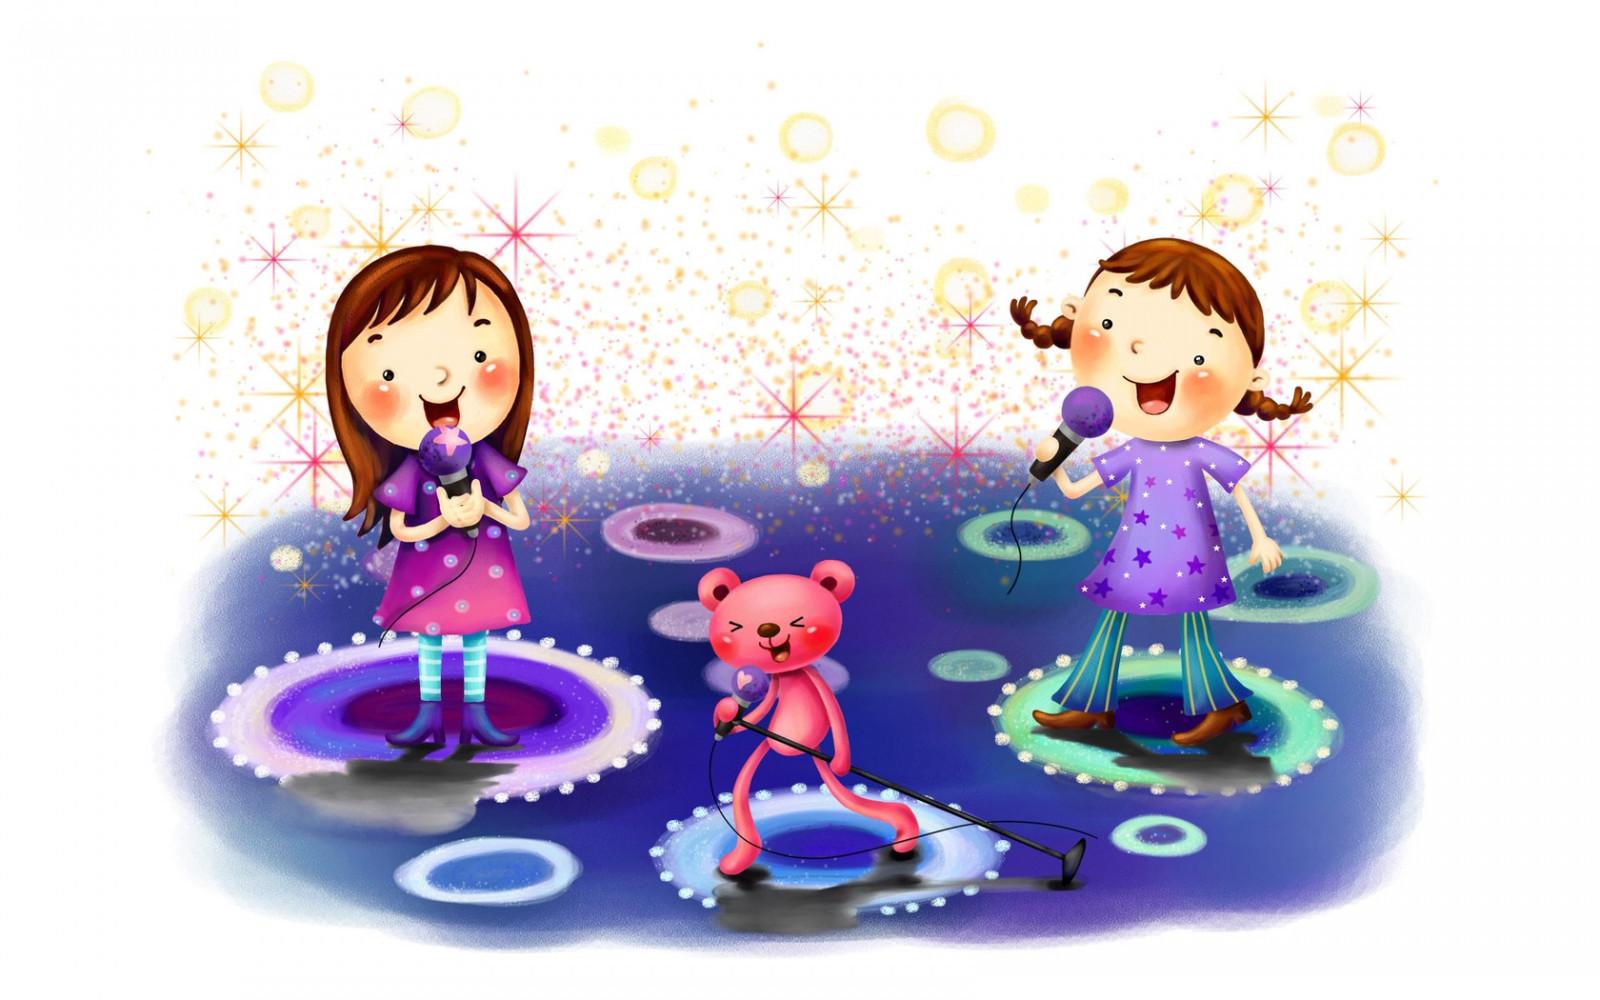 Картинки для детей музыкальные, фото картинки прикольные